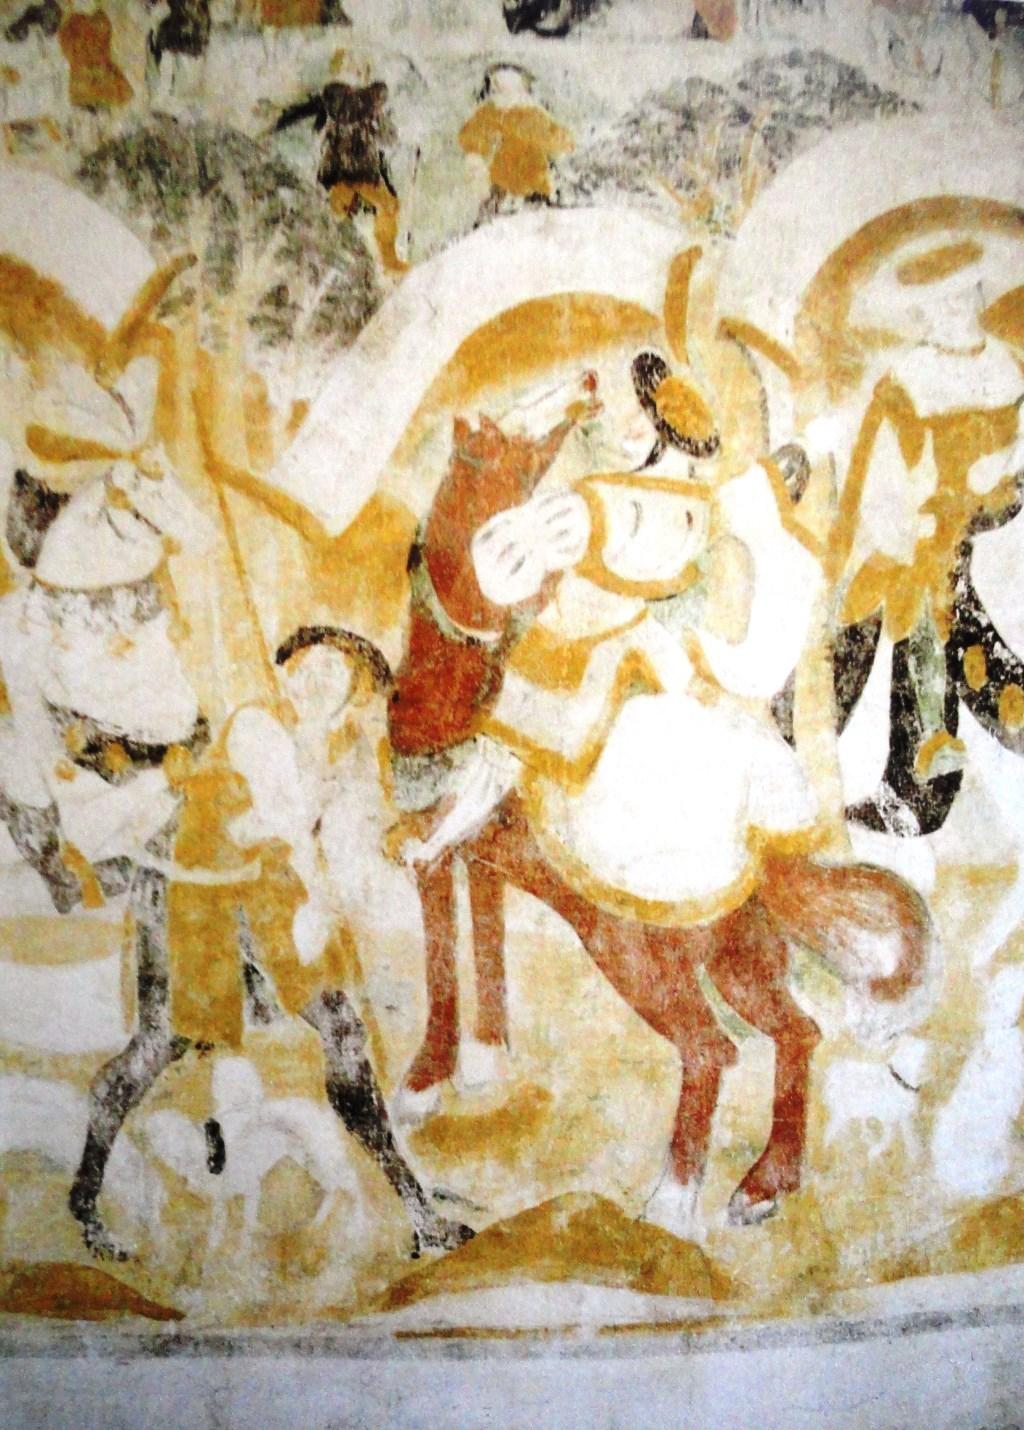 Anne Doedens: 'De schilderingen van Westbroek zijn m.i. na 1481 geschilderd, toen de dorpelingen nog onder de indruk waren van dit bloedig op hun grond uitgevochten deel van de Hoekse en Kabeljauwse twisten. Op deze schilderingen van de 'drie doden en de drie levenden' is de Dom duidelijk te zien. Johan Huizinga schreef hierover: 'De voorstelling van de drie doden en de drie levenden vormt de schakel tussen het afzichtelijke beeld der verrot  © De Vierklank